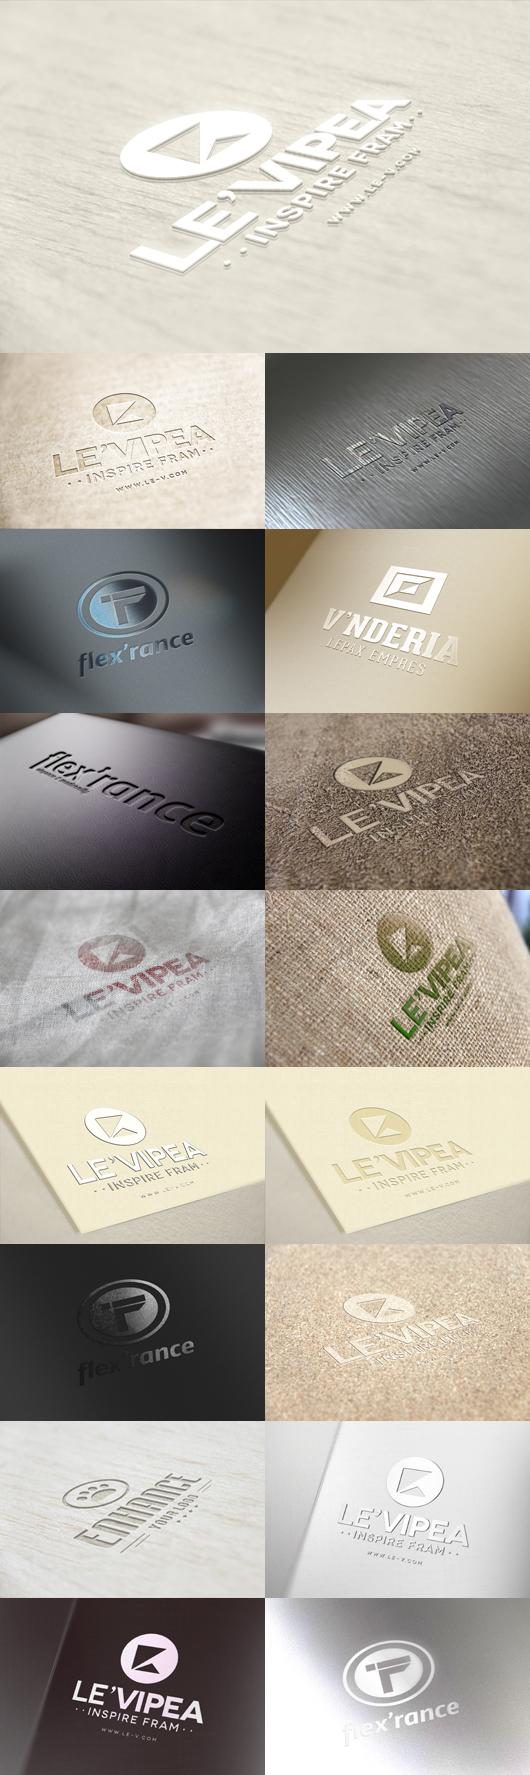 mockup para logos